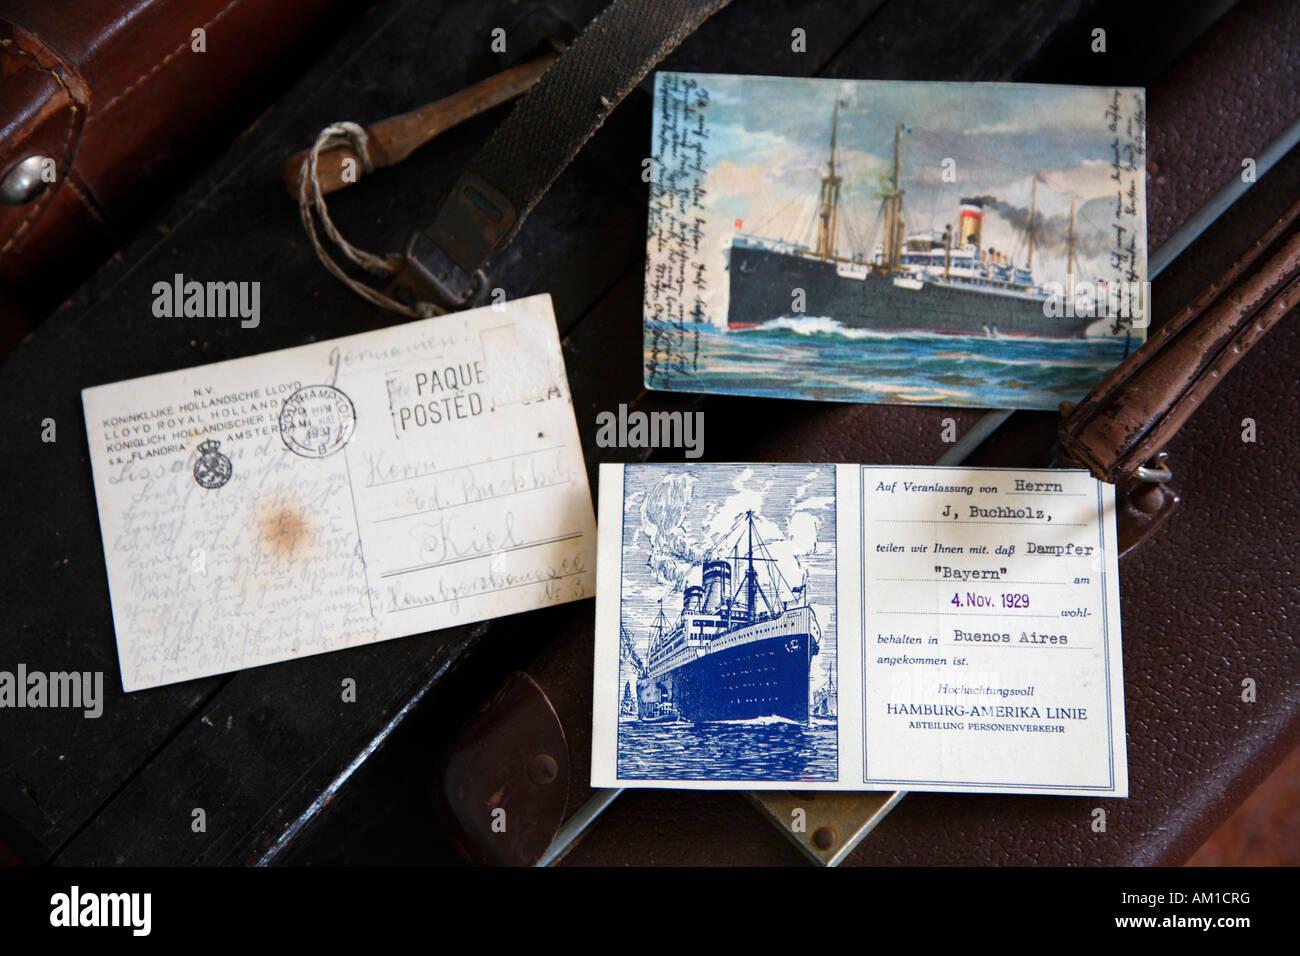 Ballinstadt, emigration museum, old postcards of emigrants, Veddel, Hamburg, Germany - Stock Image